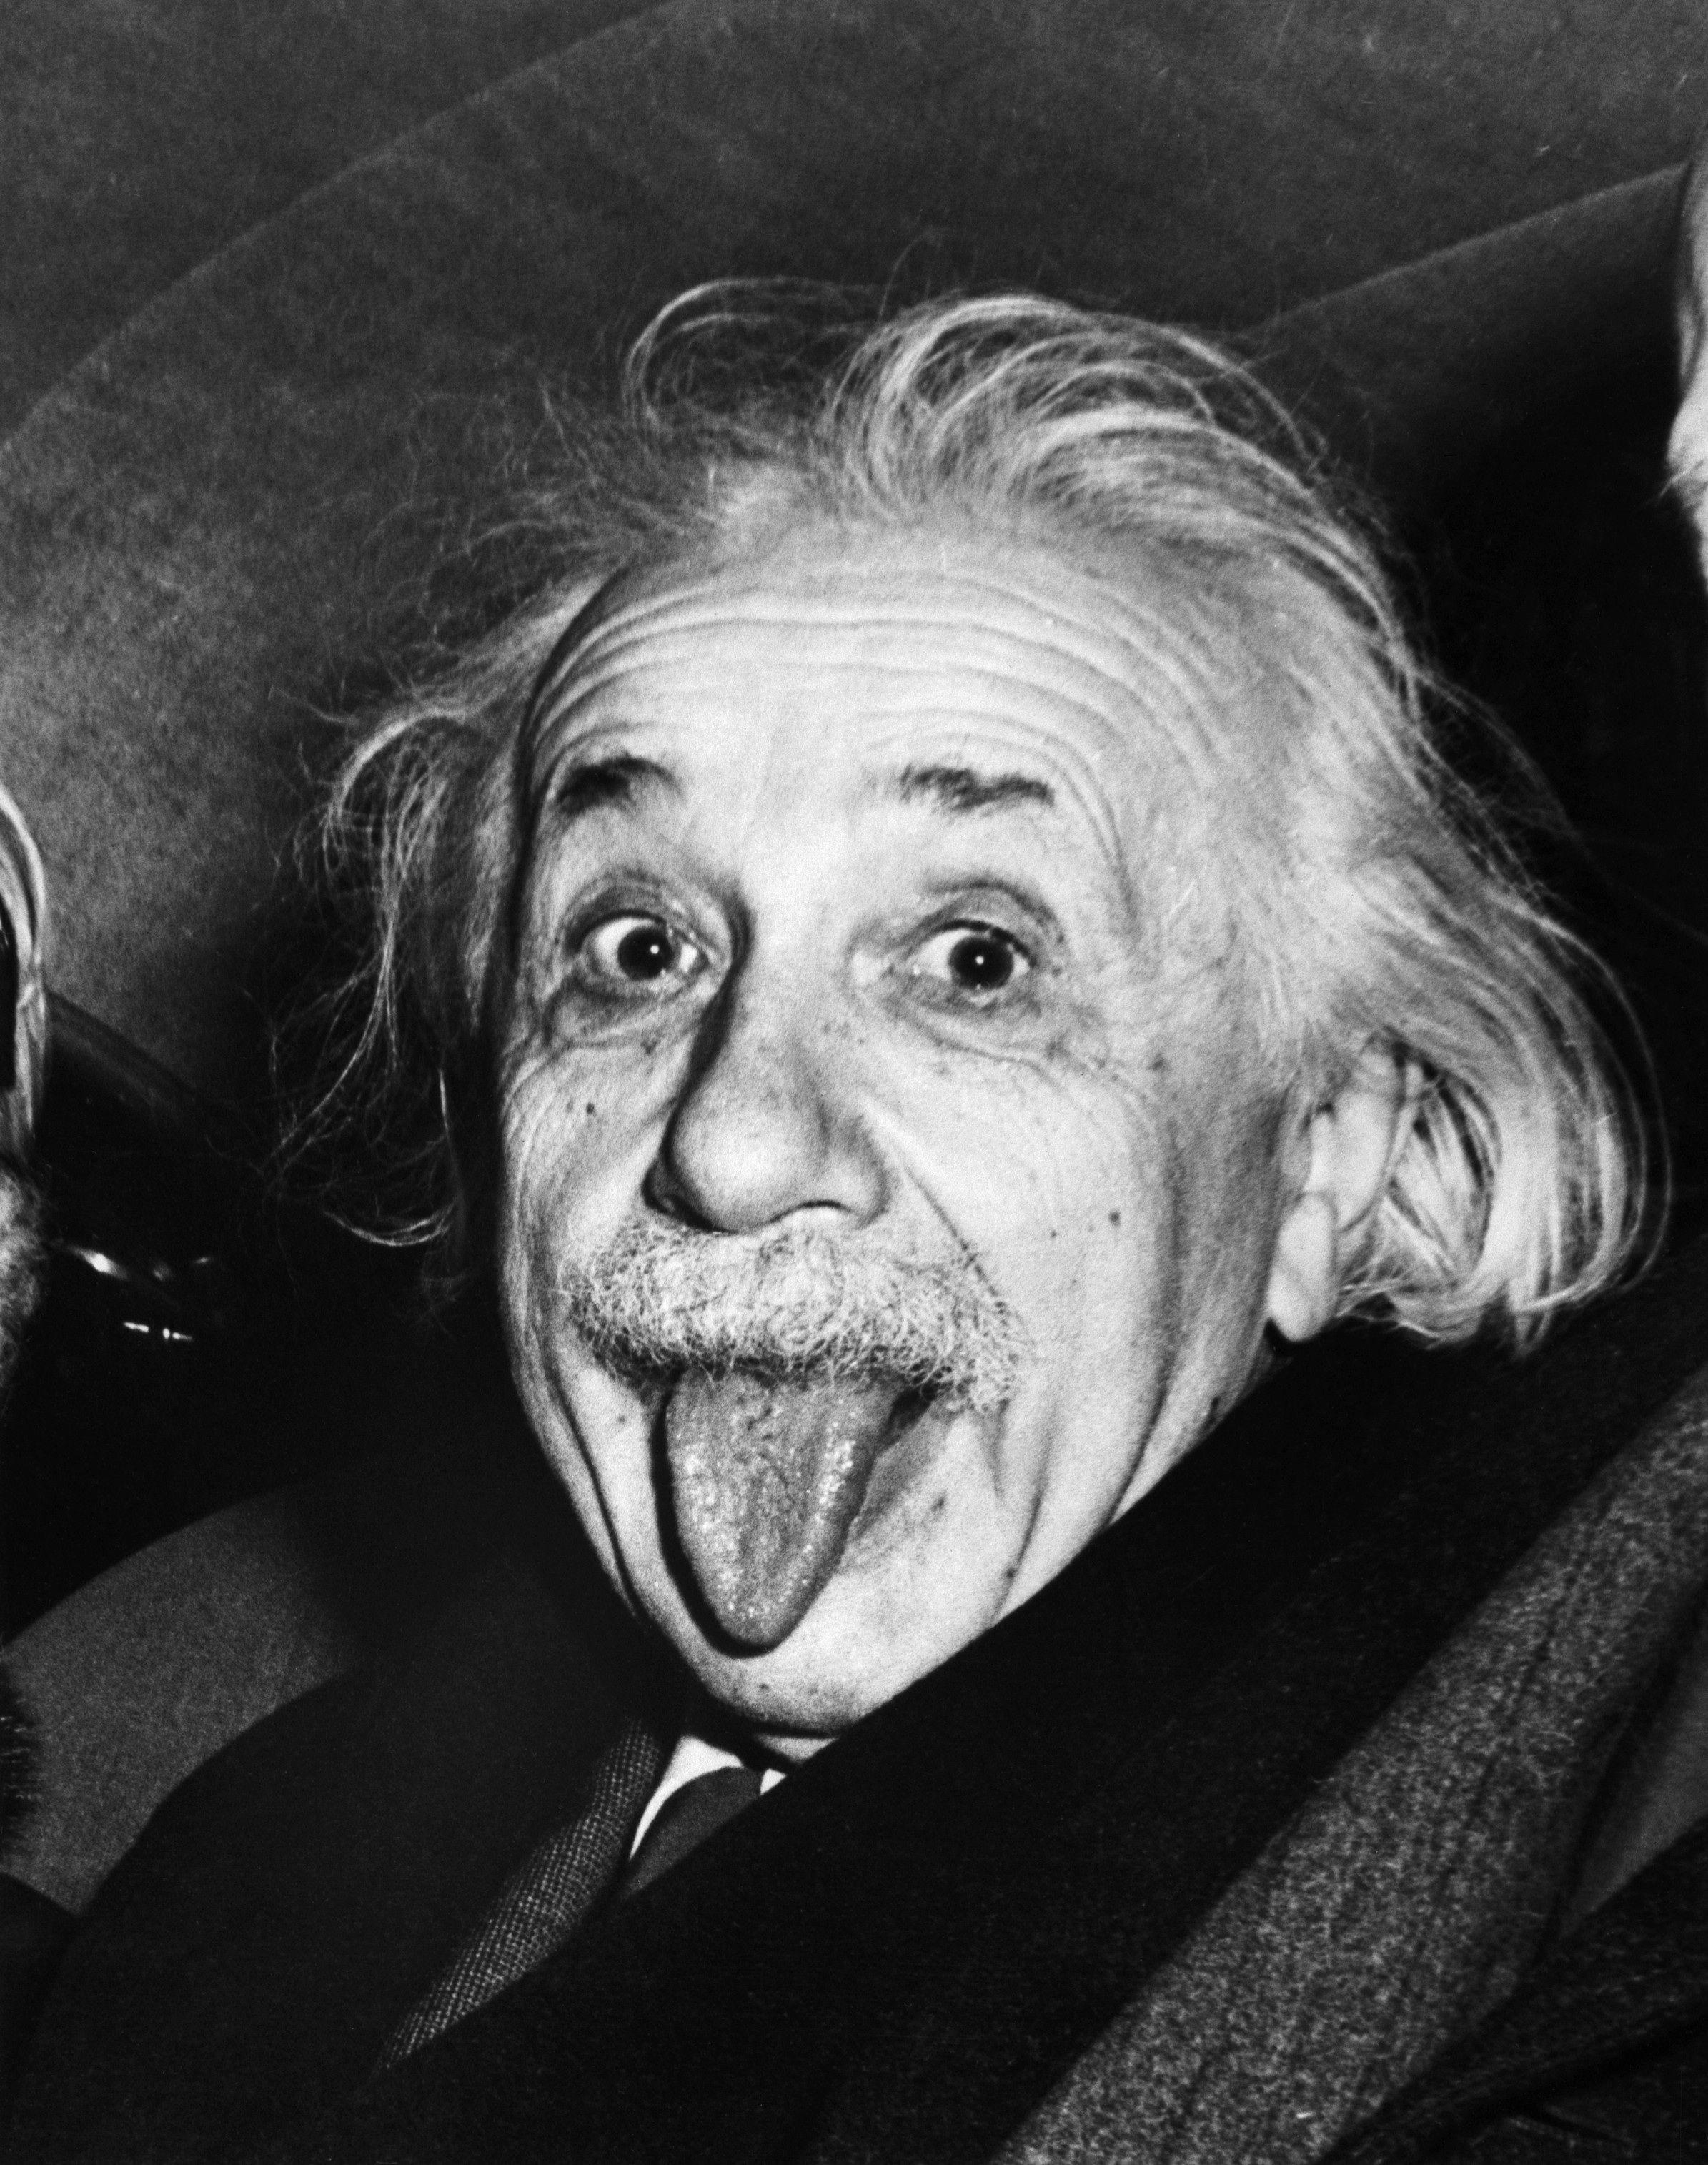 ¿A qué se debe que Einstein sacase la lengua en la foto?